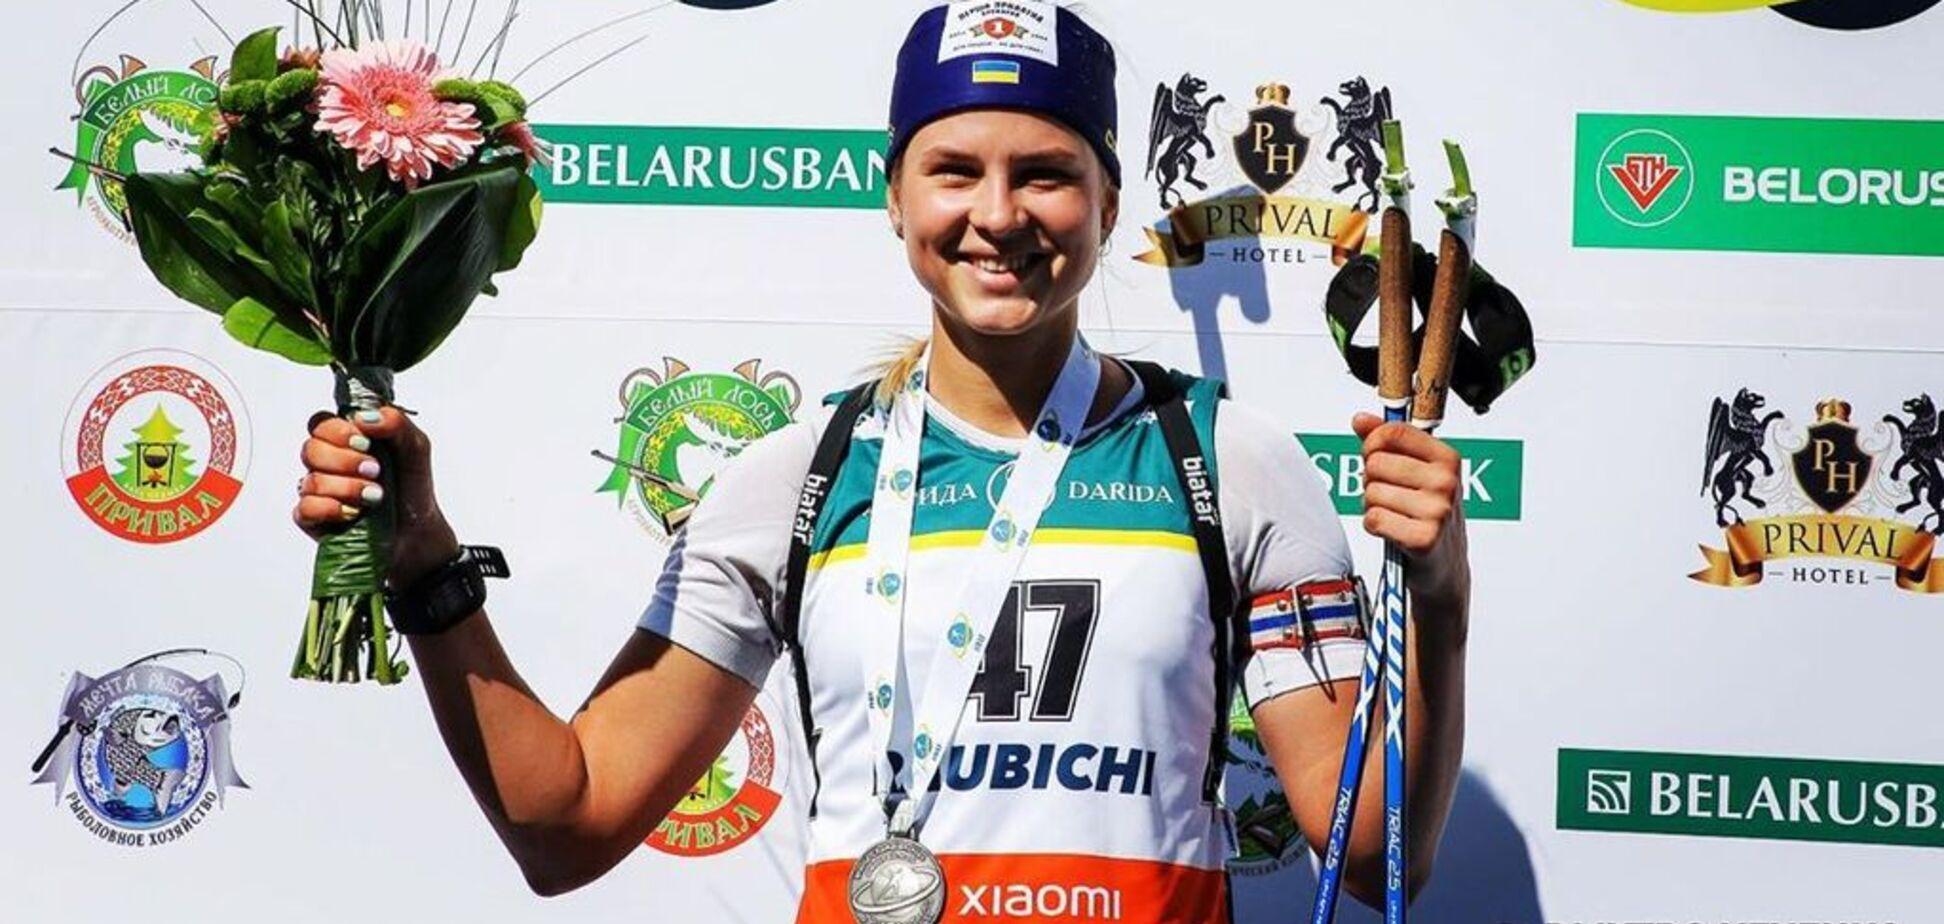 Известная биатлонистка, сбежавшая из России, поздравила на мове Украину